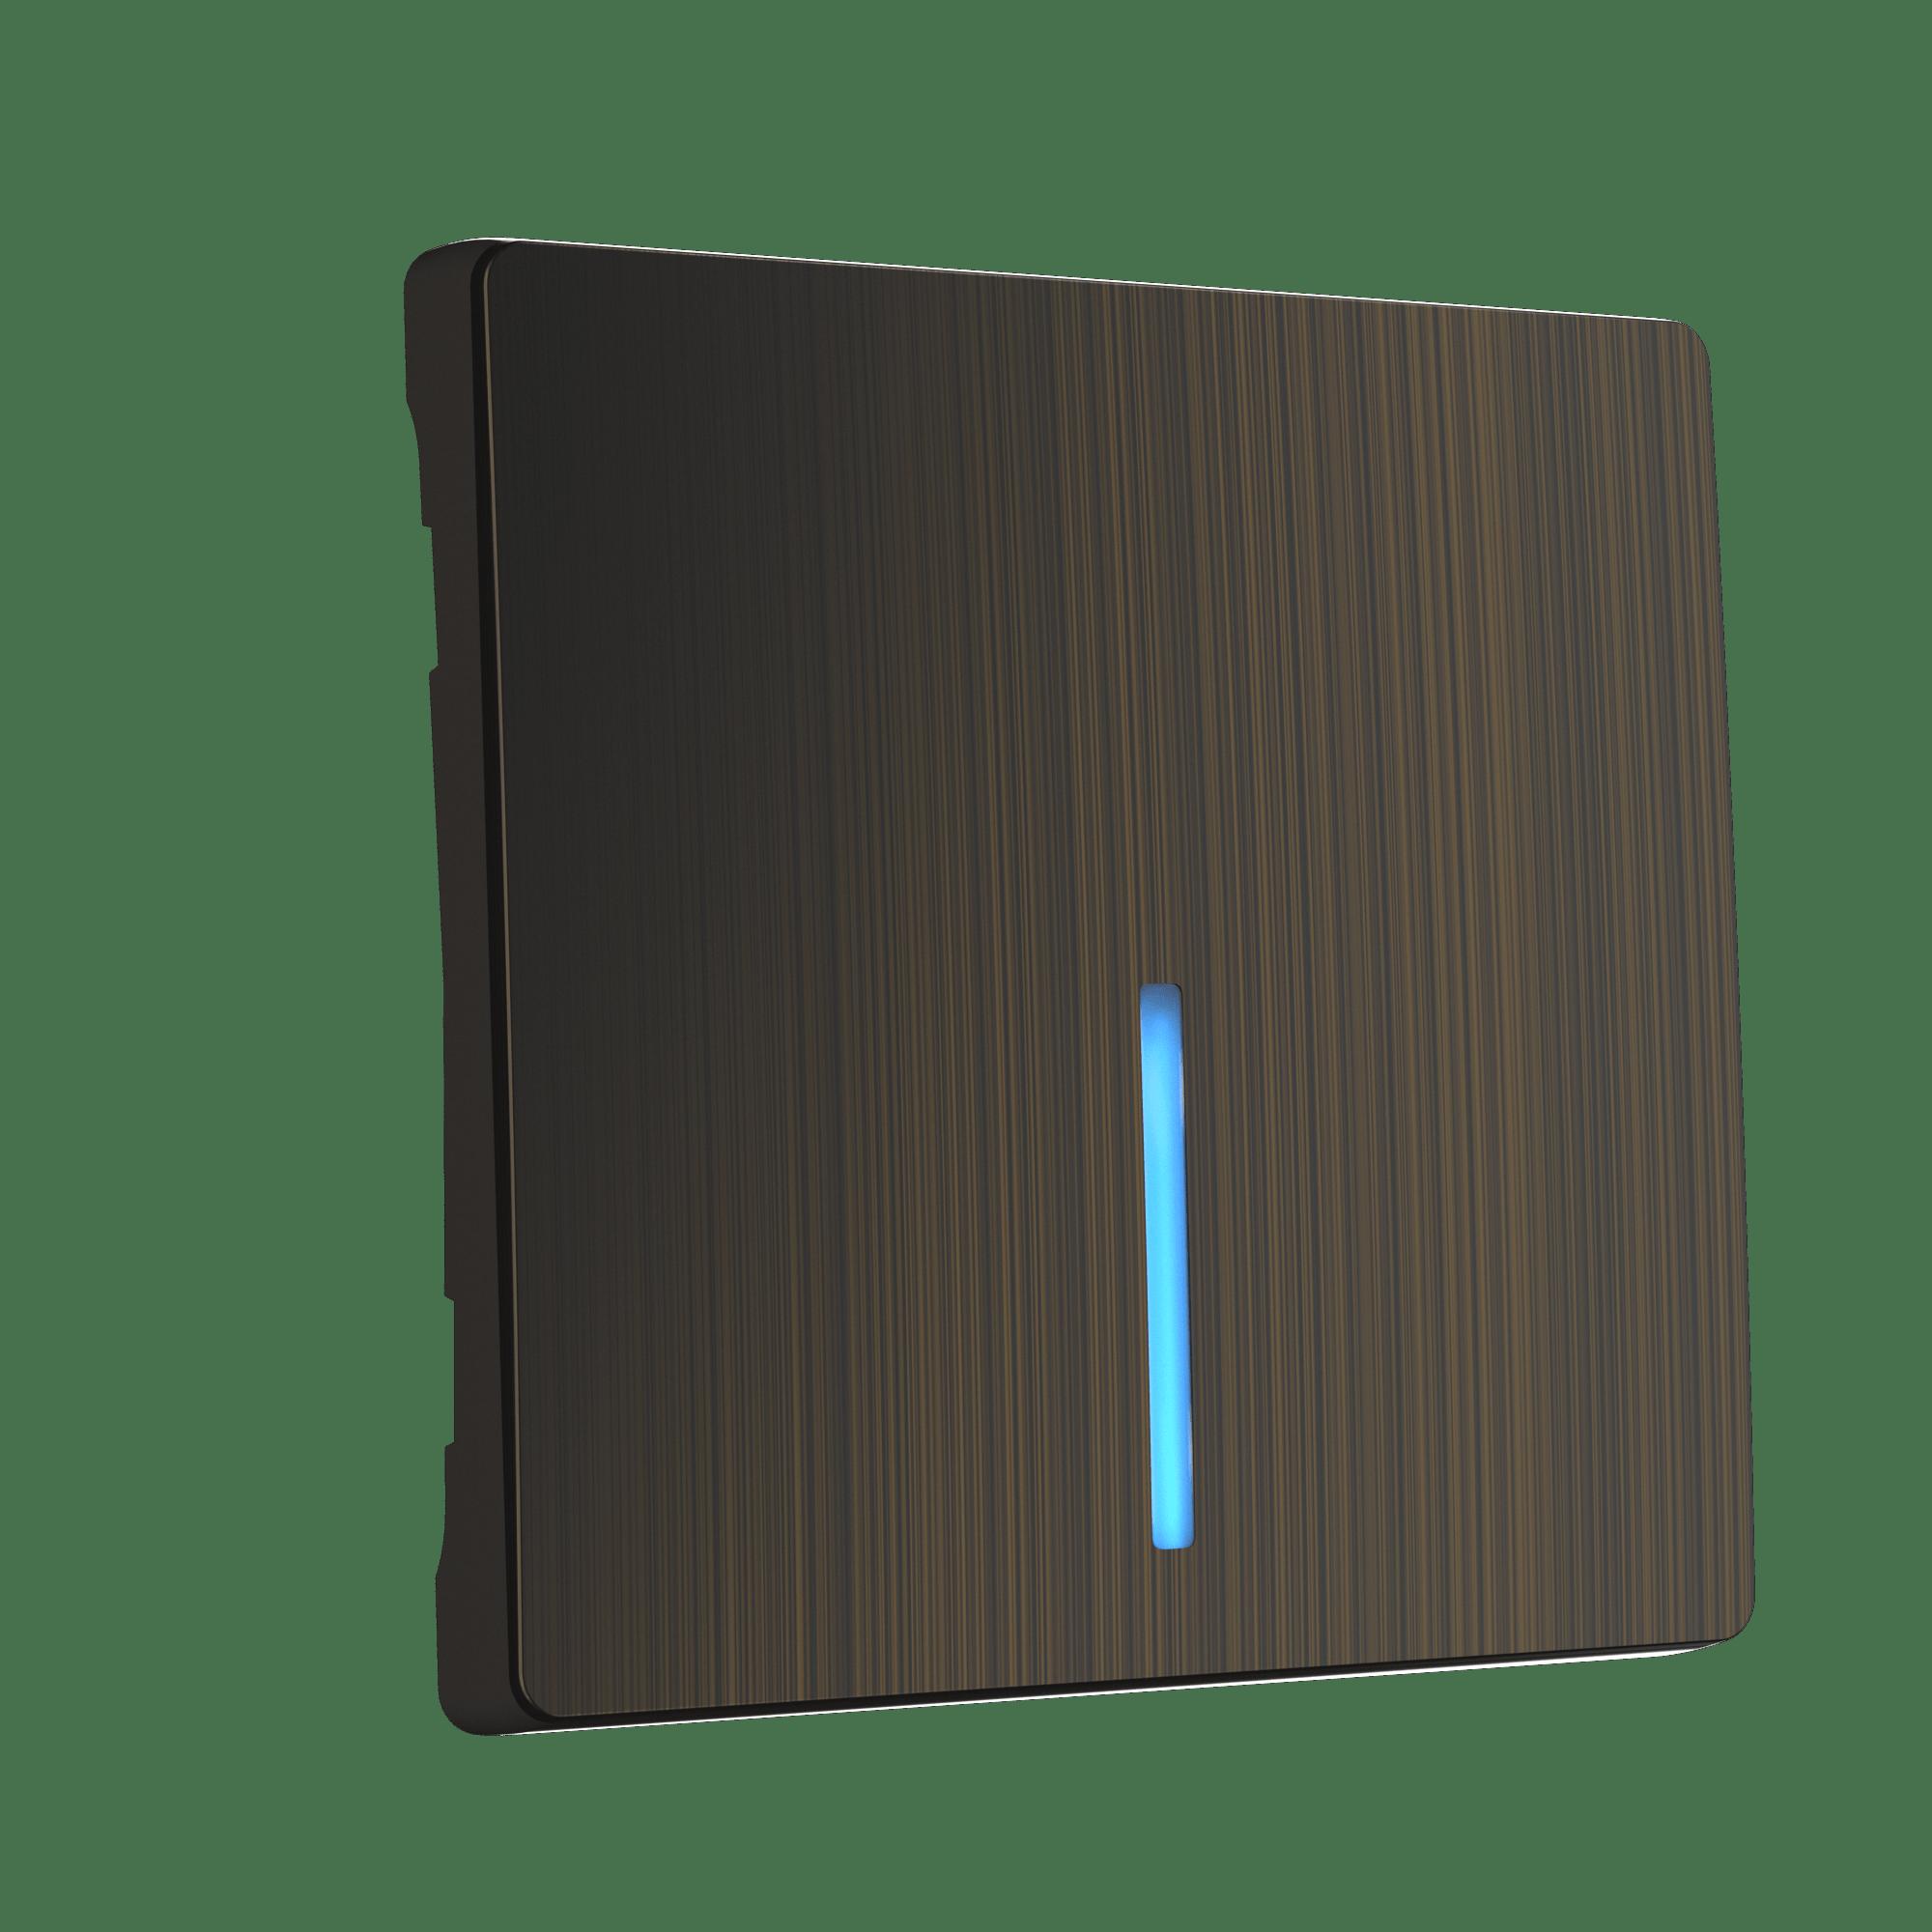 WL12-SW-1G-LED-CP/ Клавиша для выключателя c подсветкой (бронзовый)